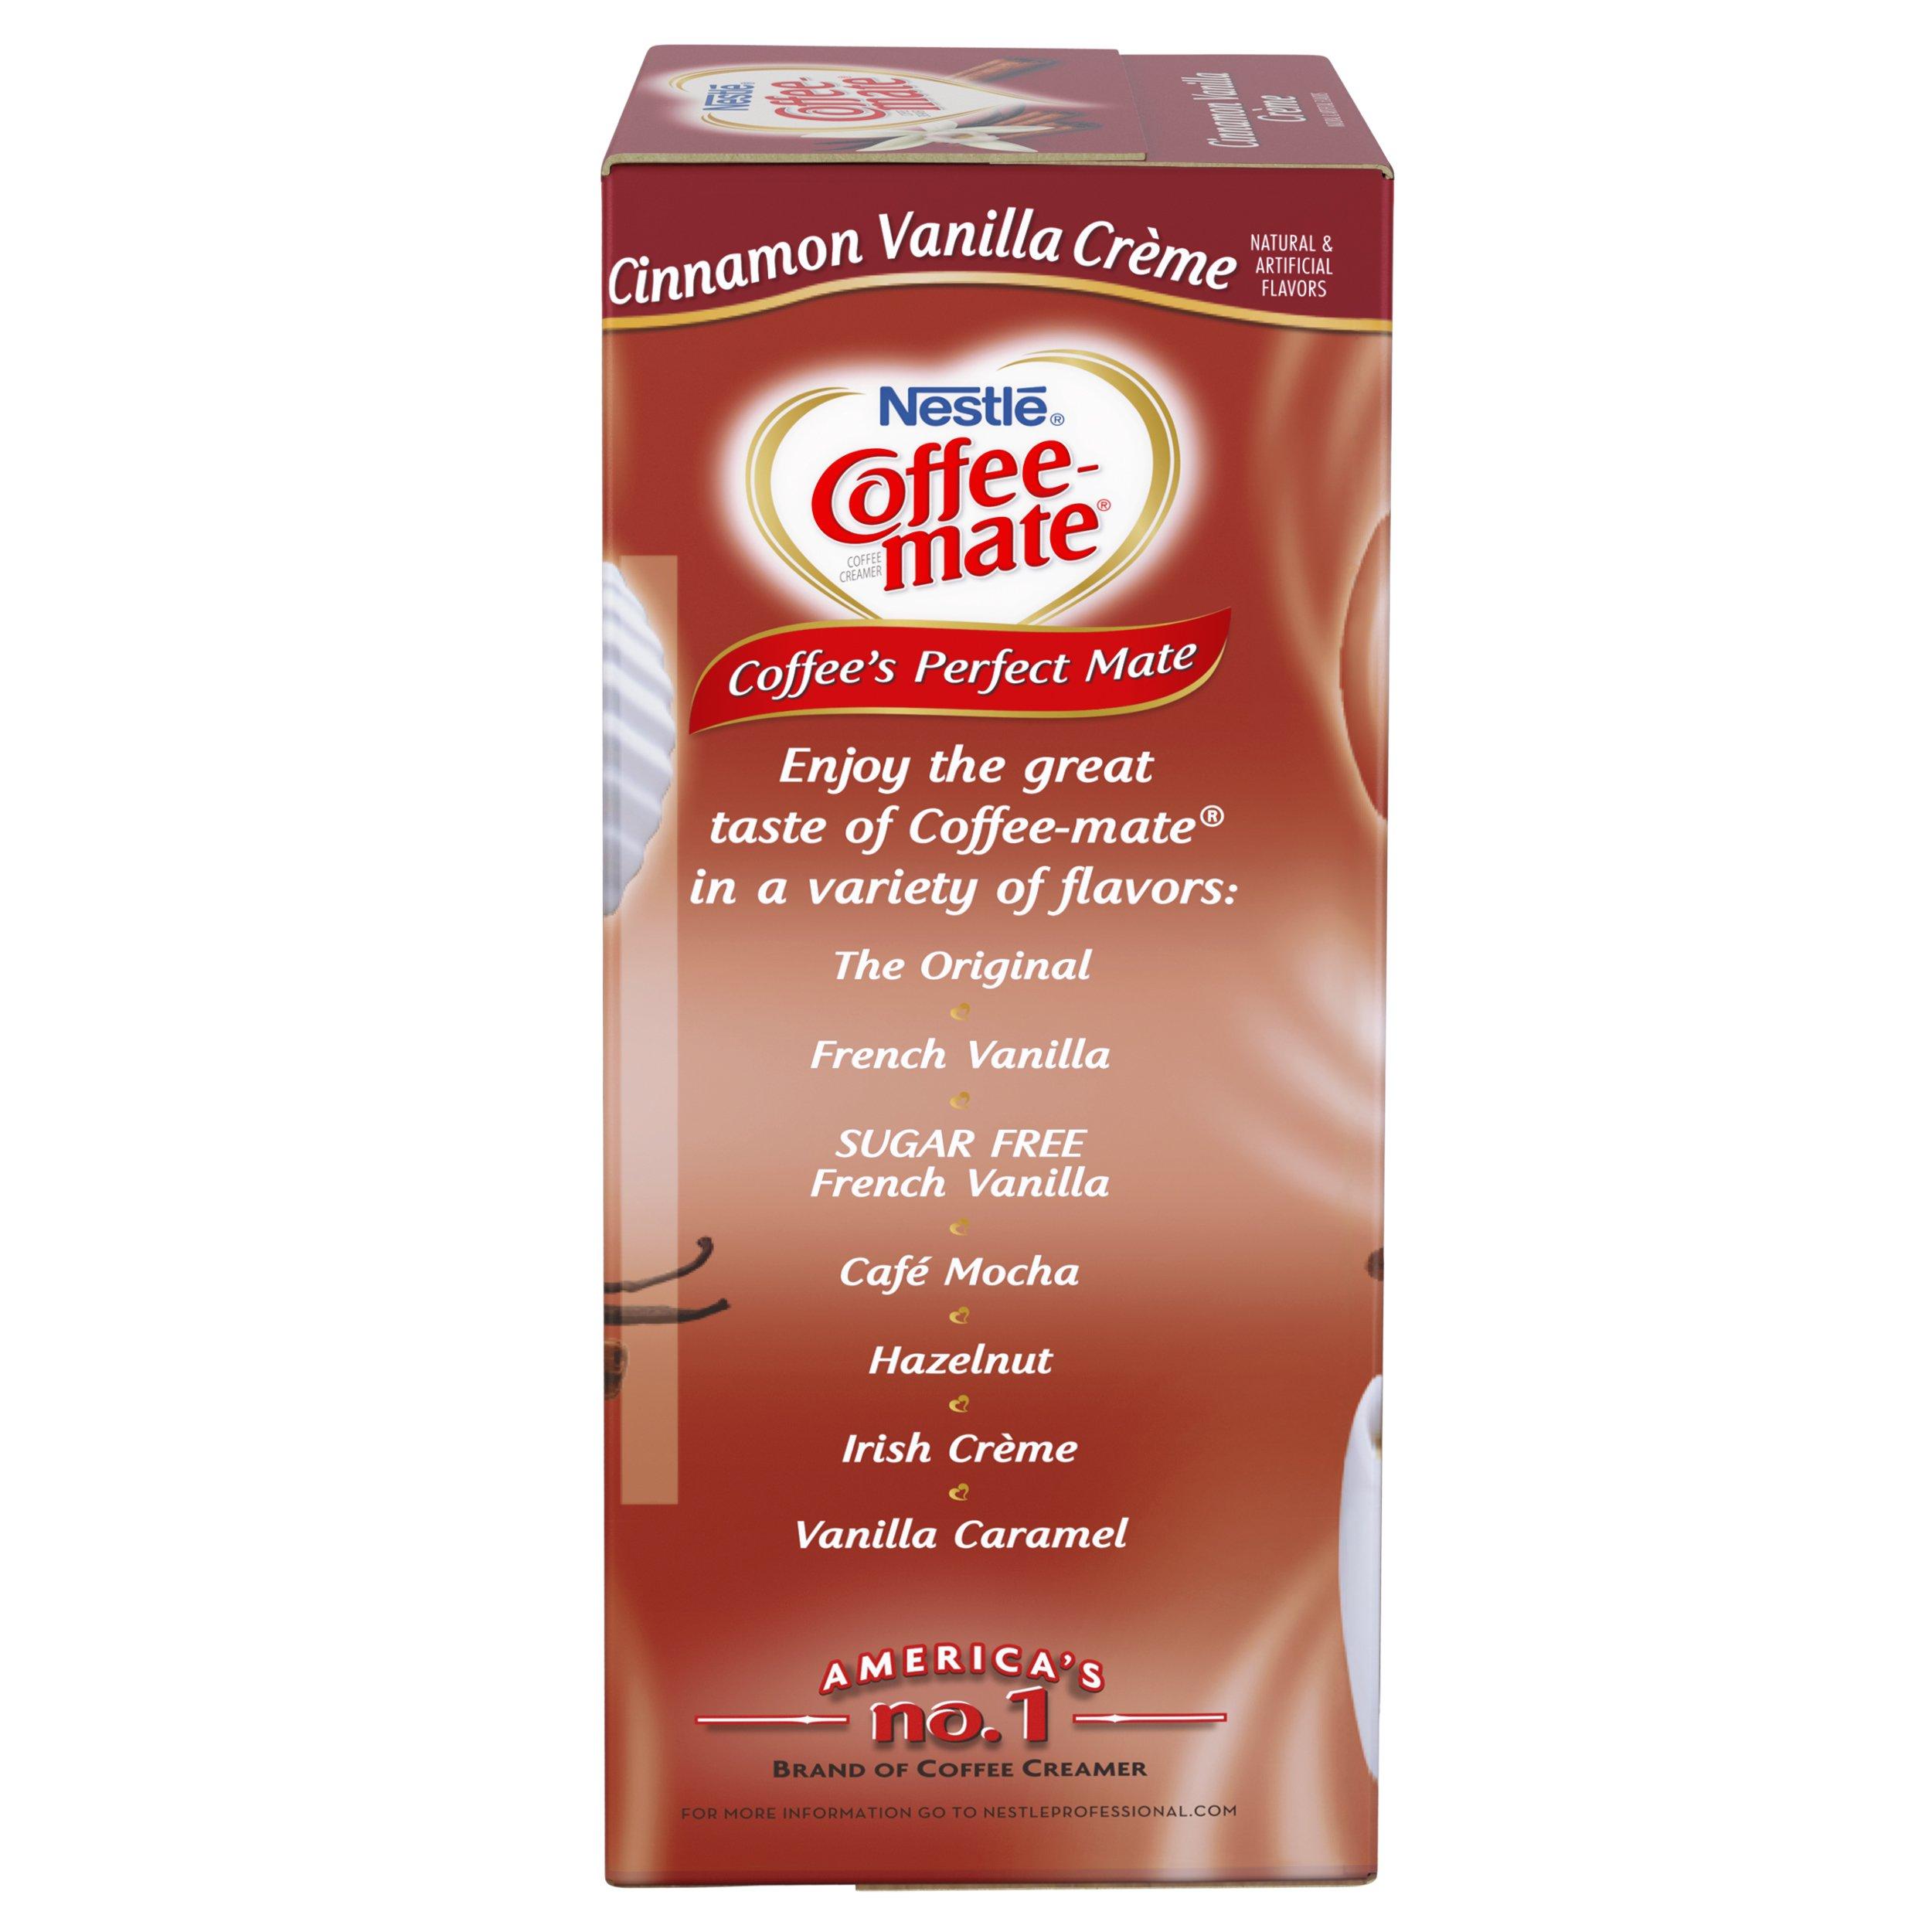 NESTLE COFFEE-MATE Coffee Creamer, Cinnamon Vanilla Creme, 0.375oz liquid creamer singles, 50 Per Box (Case of 4 Boxes) by Nestle Coffee Mate (Image #5)